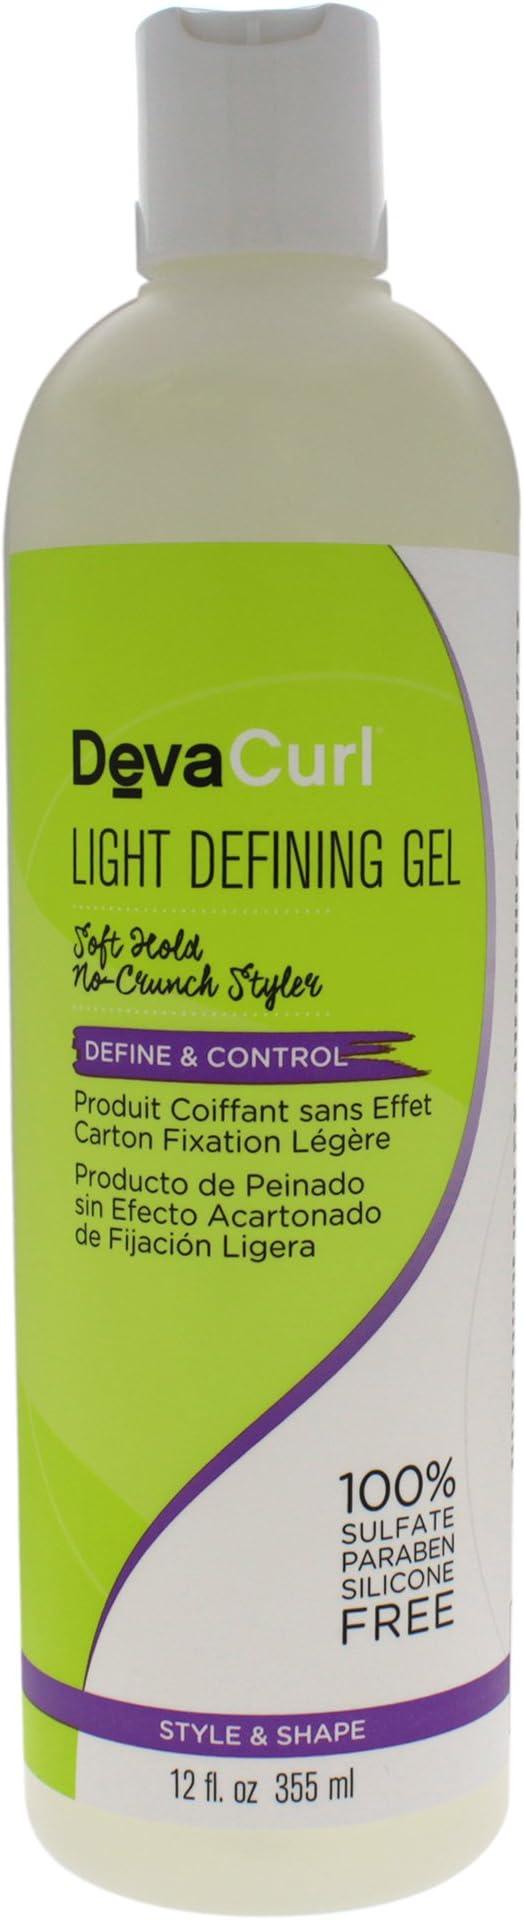 DevaCurl Light Defining Gel 12 oz (Pack of 2)